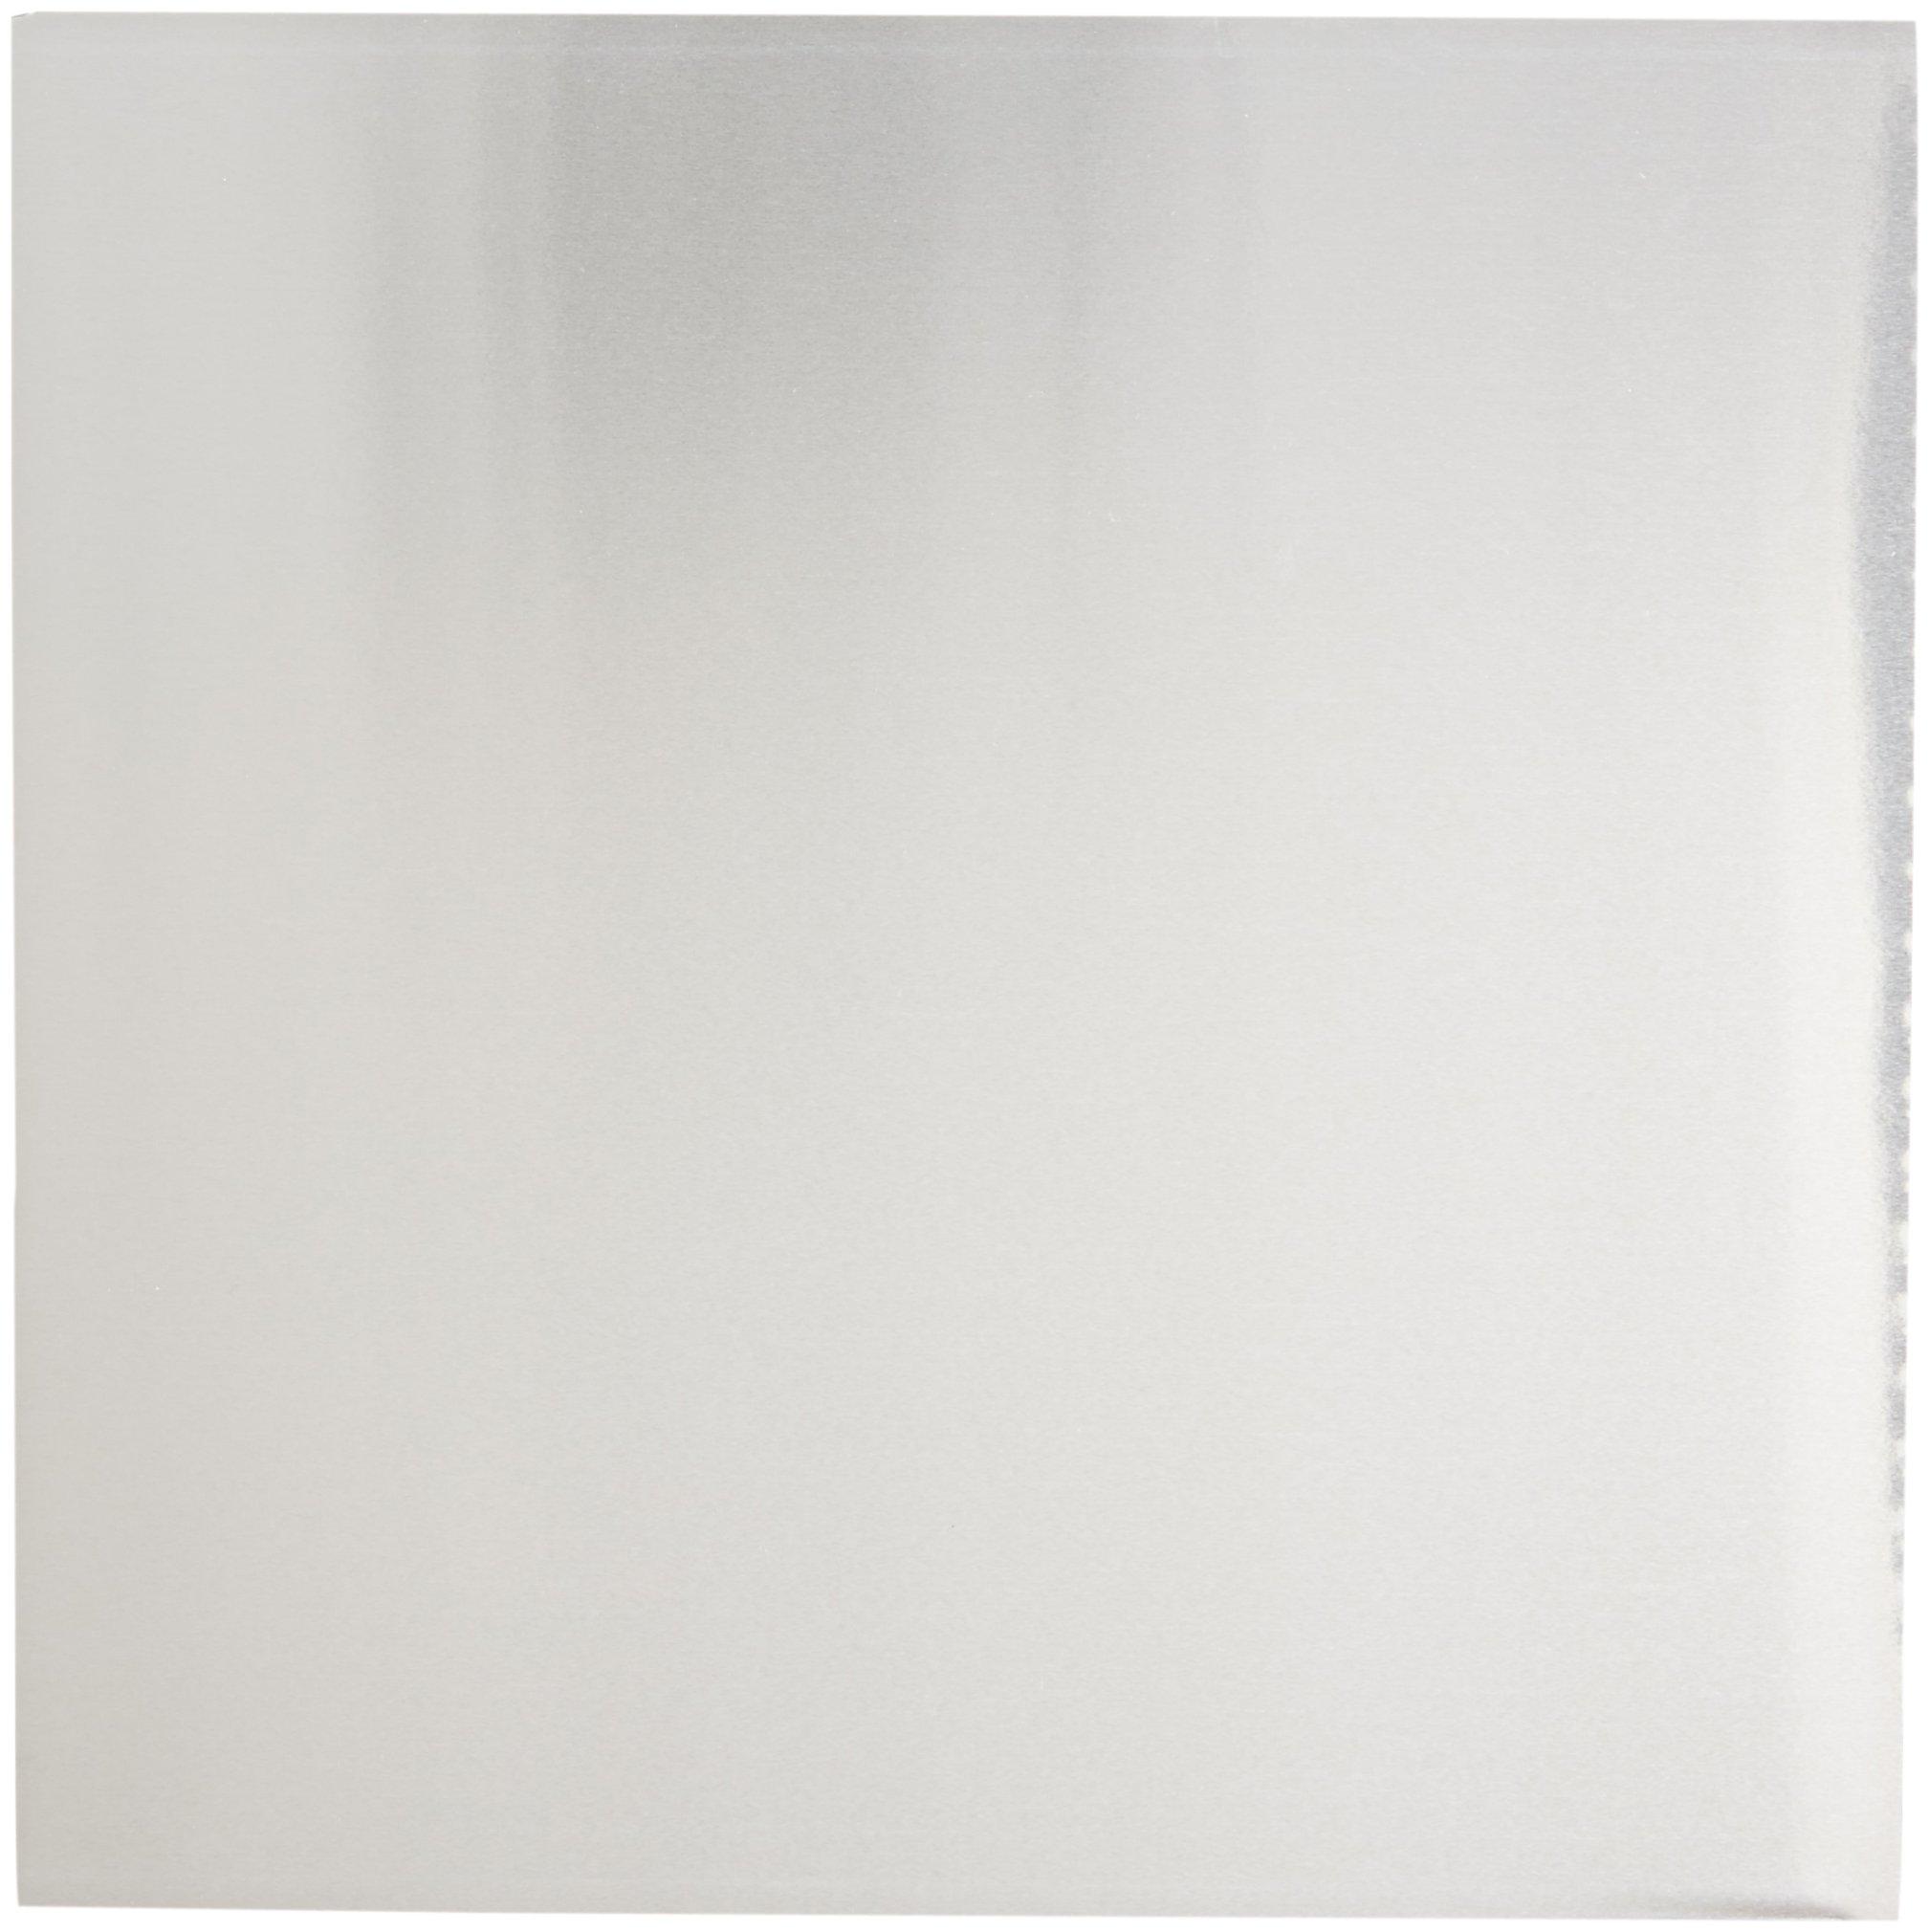 EMD Millipore 1.05554.0001 Aluminium Backed Classical Silica TLC Plate, Silica Gel 60 F254, 20cm L x 20cm W (Pack of 25) by Millipore